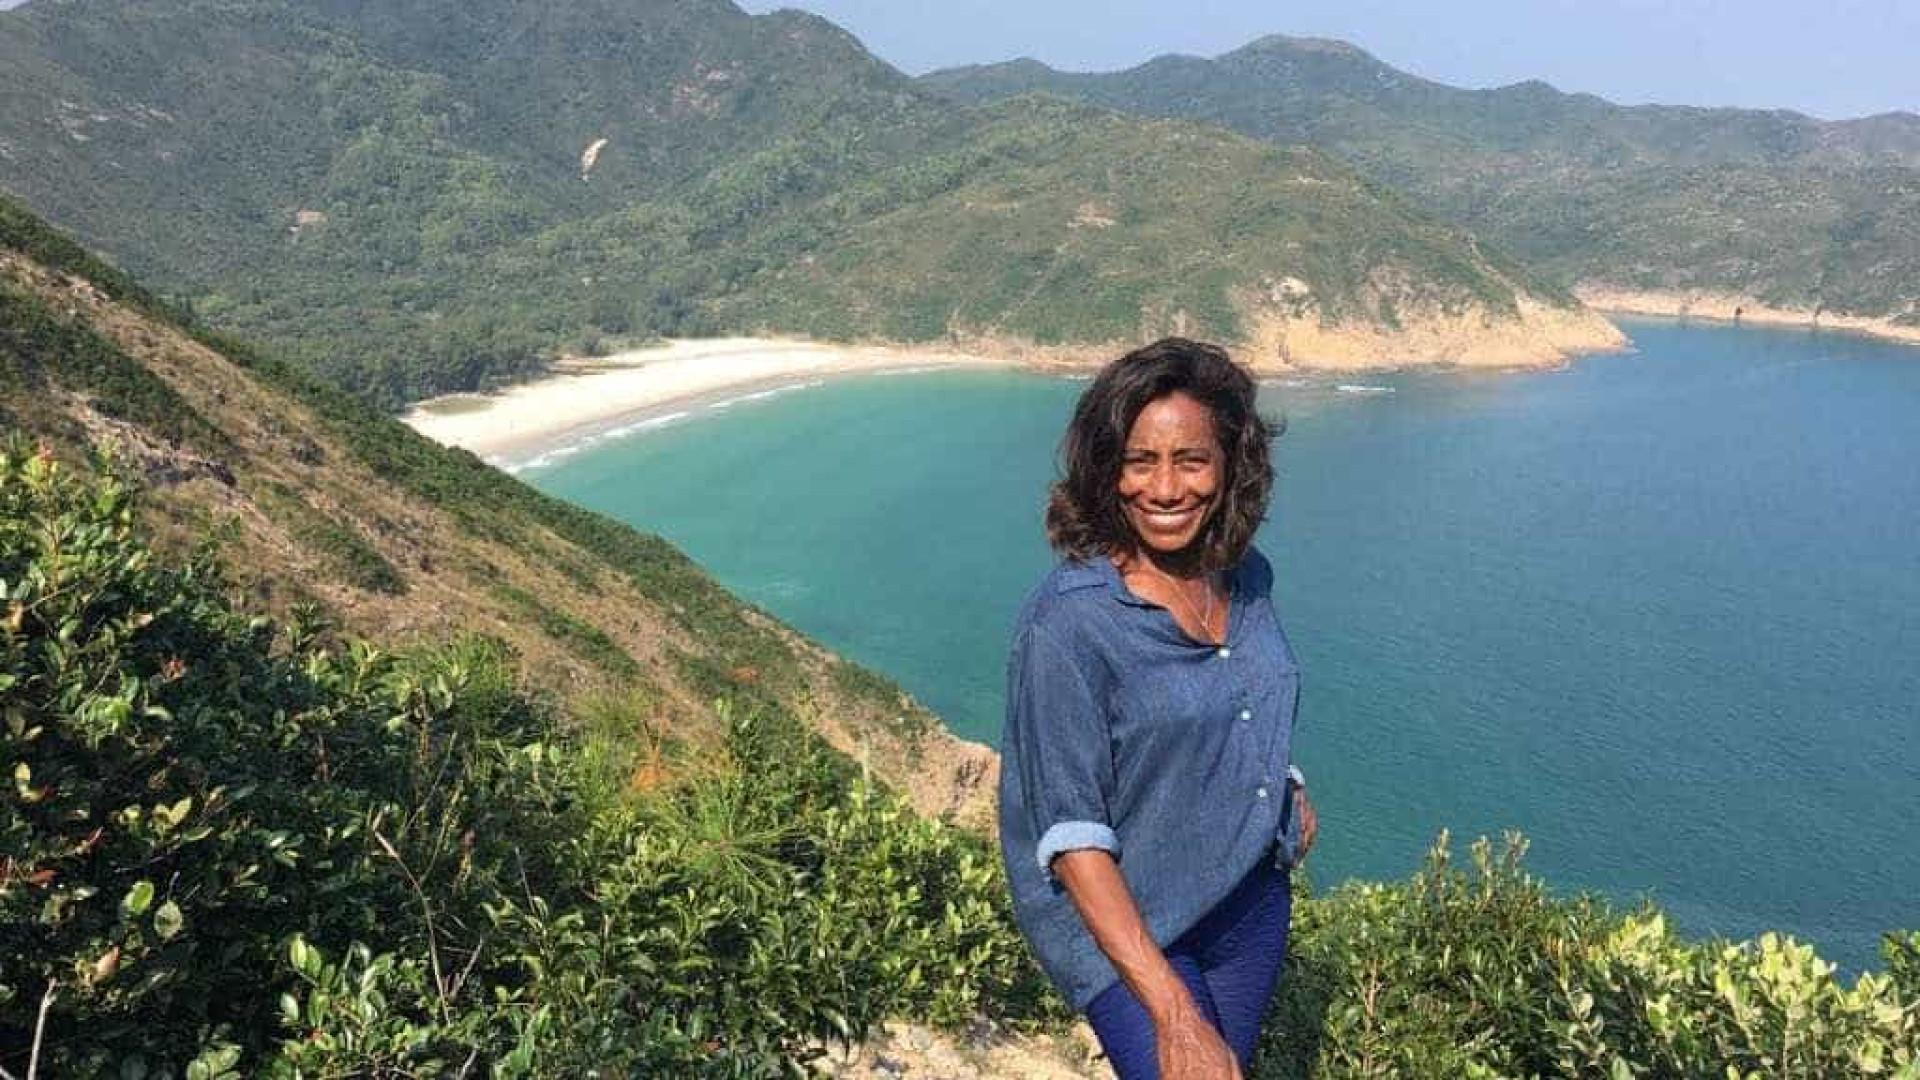 Gloria Maria diz que leva pílulas em viagens e preocupa diretores